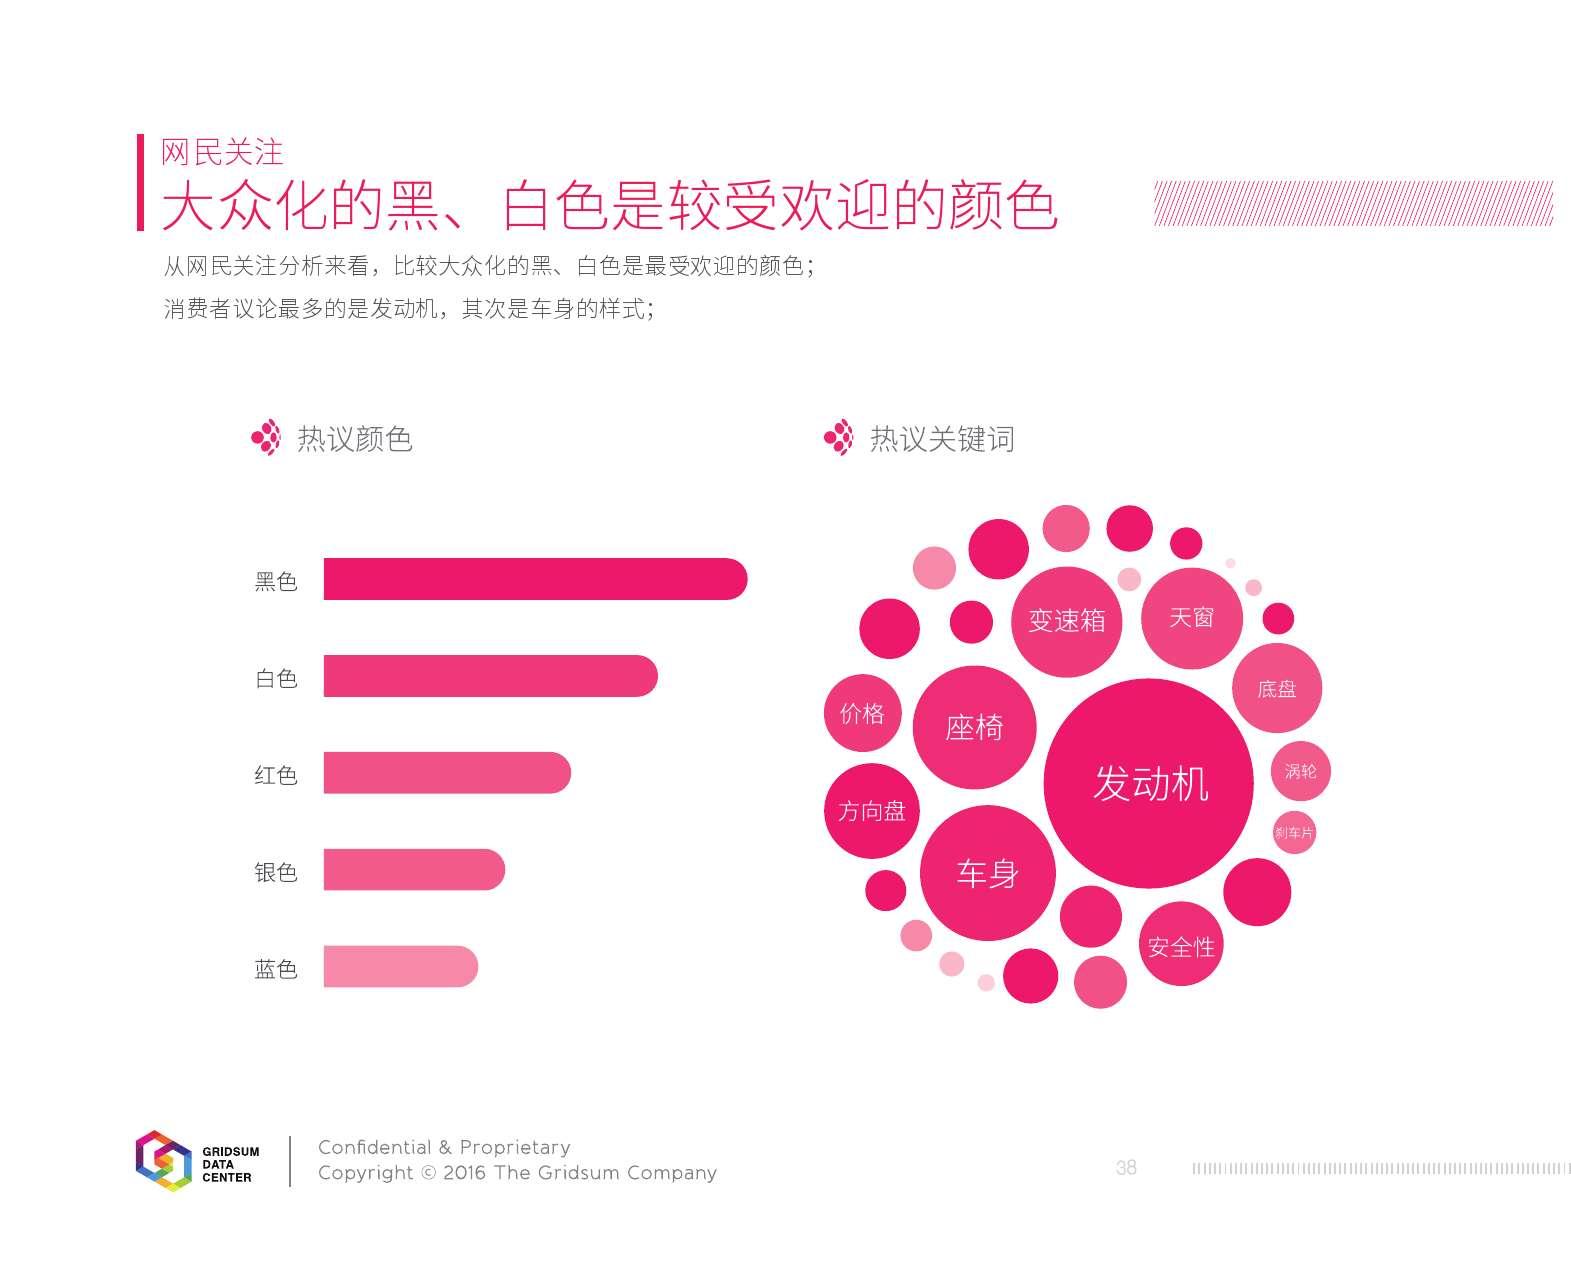 2015中国互联网发展报告_000040